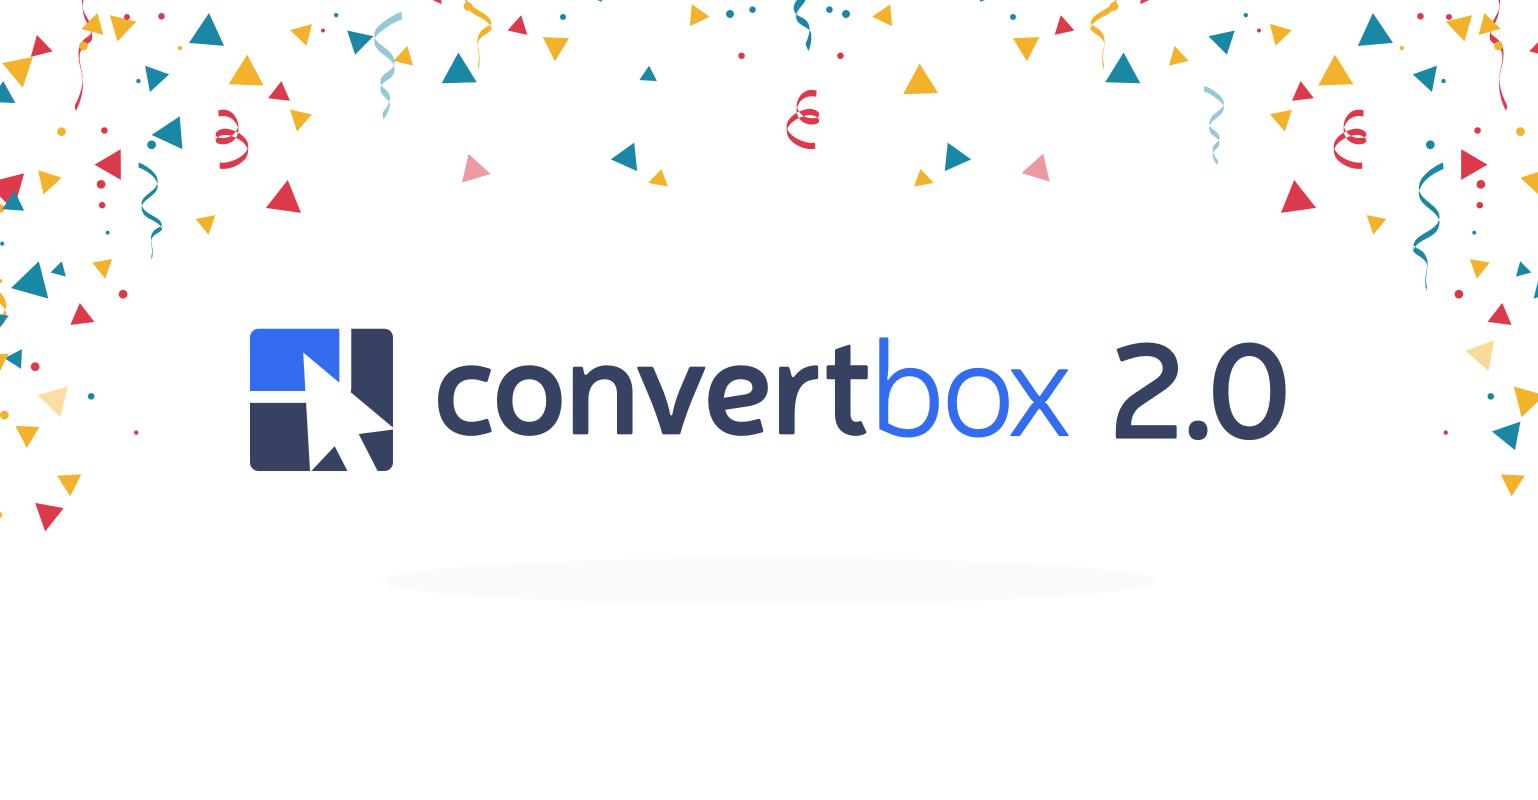 ConvertBox 2.0